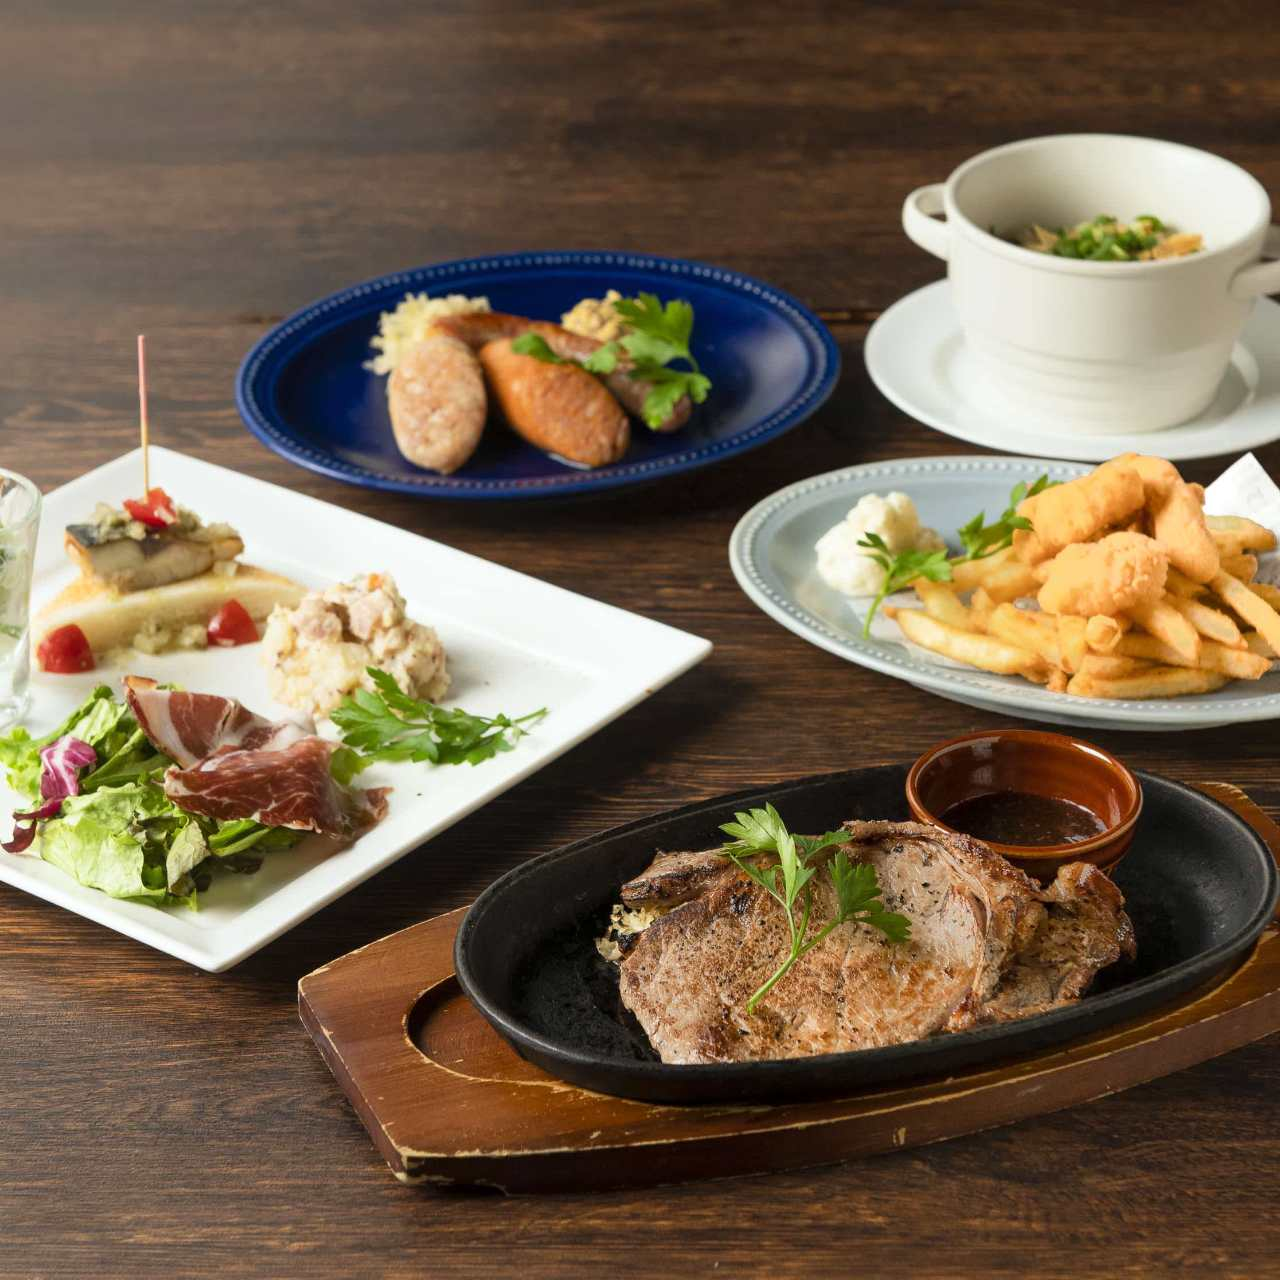 牛リブロースステーキとフィッシュ&チップスコースドリンク別2500円(税込)